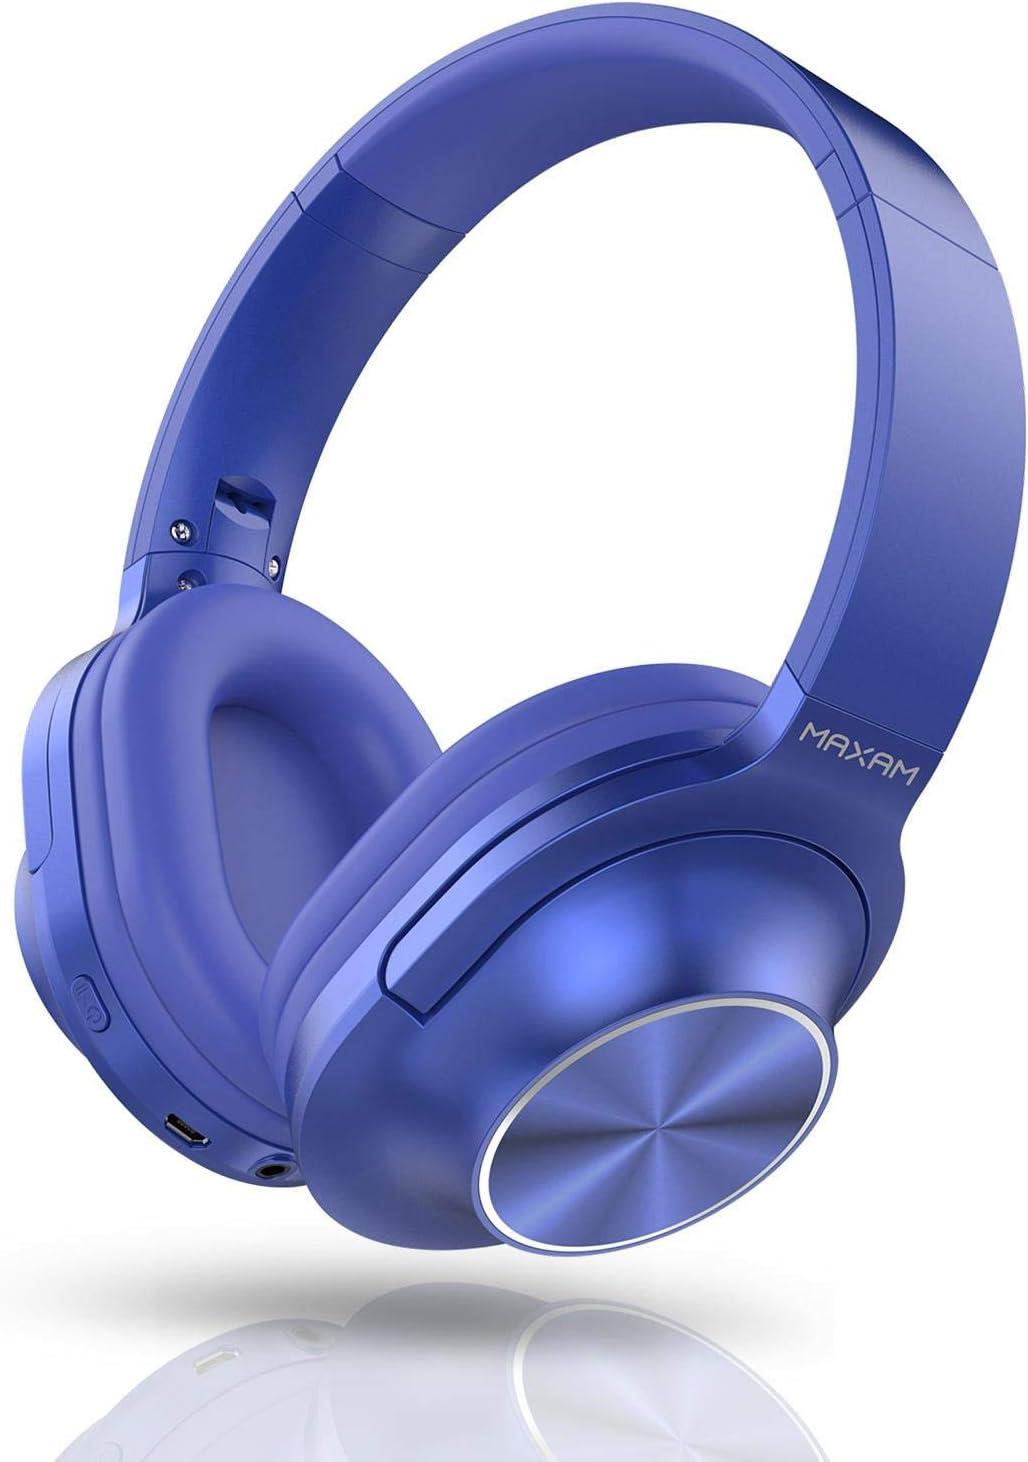 Maxam Auriculares de Diadema Bluetooth 5,0 Cascos Inalámbricos, Plegables, Cancelación de Ruido, Micrófono Incorporado. Azul